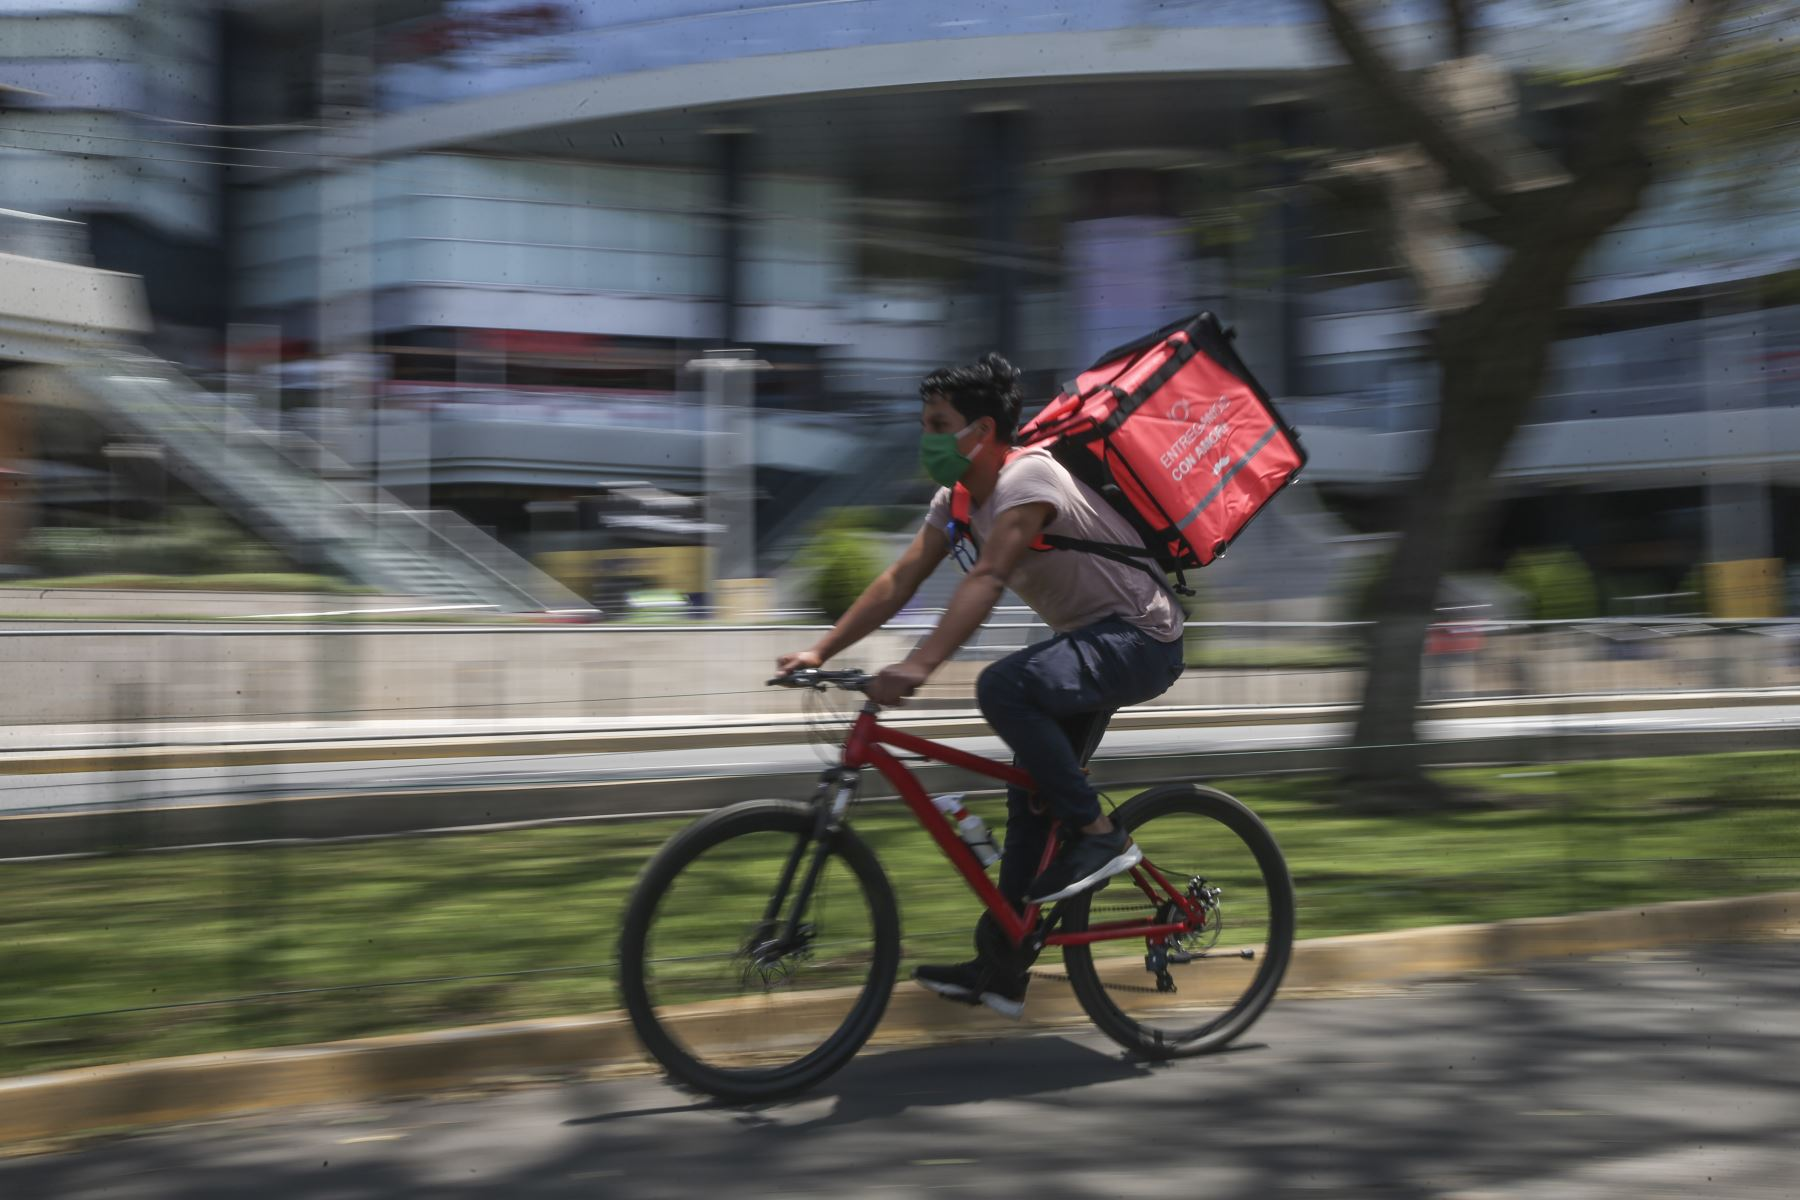 Un trabajador de servicio de delivery se desplaza por la avenida Salaverry este domingo tras levantamiento de inmovilización social obligatoria. Foto: ANDINA/Jhonel Rodríguez